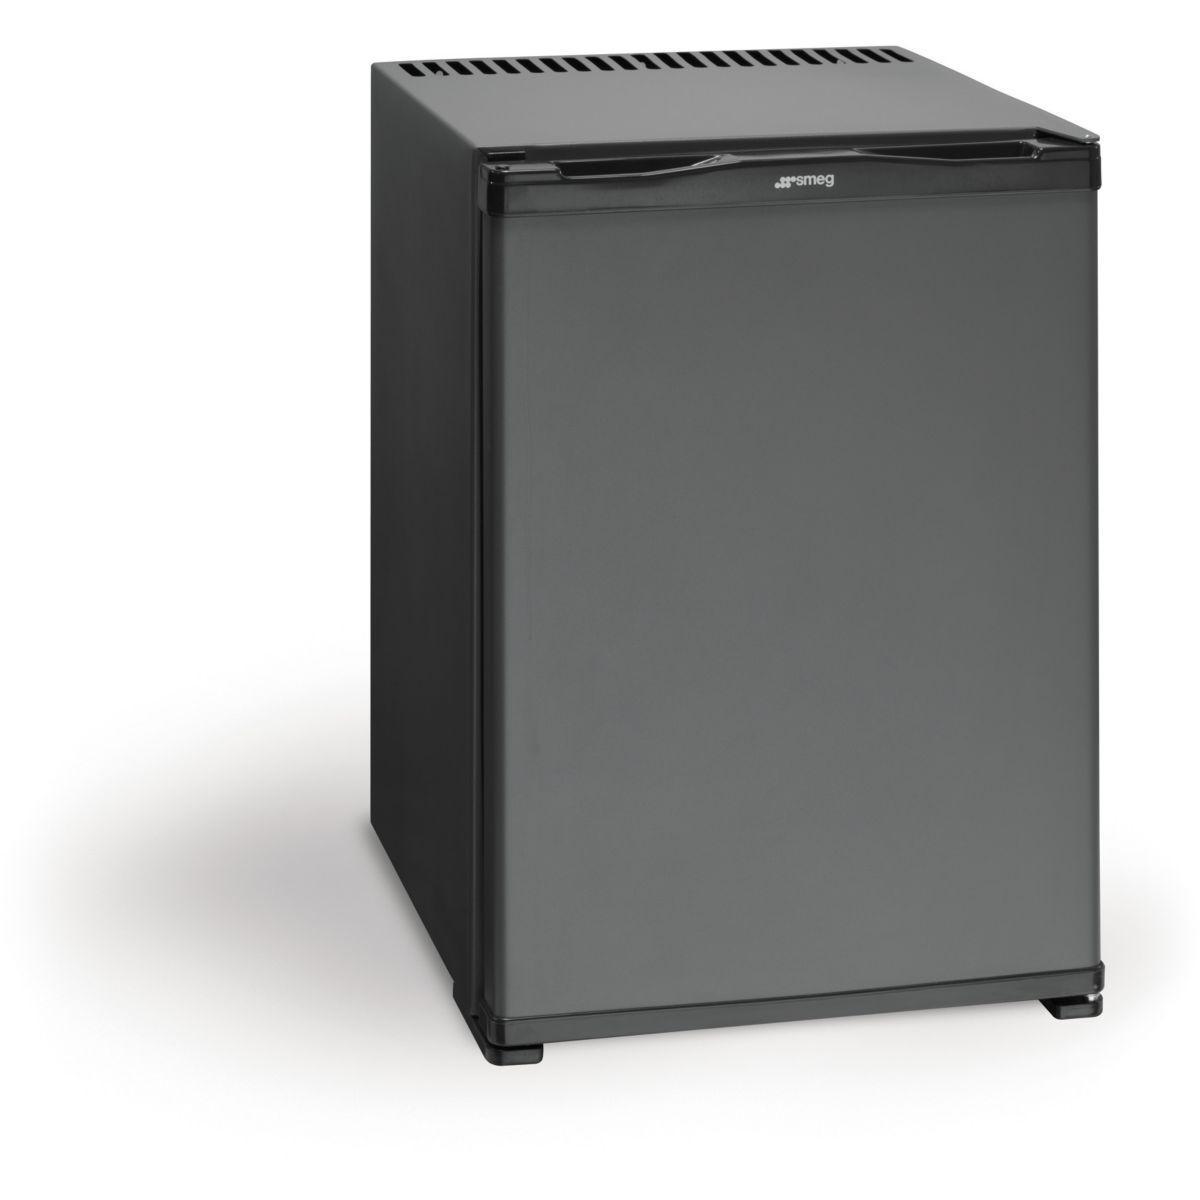 Mini réfrigérateur smeg abm 42-1 - 20% de remise immédiate avec le code : cool20